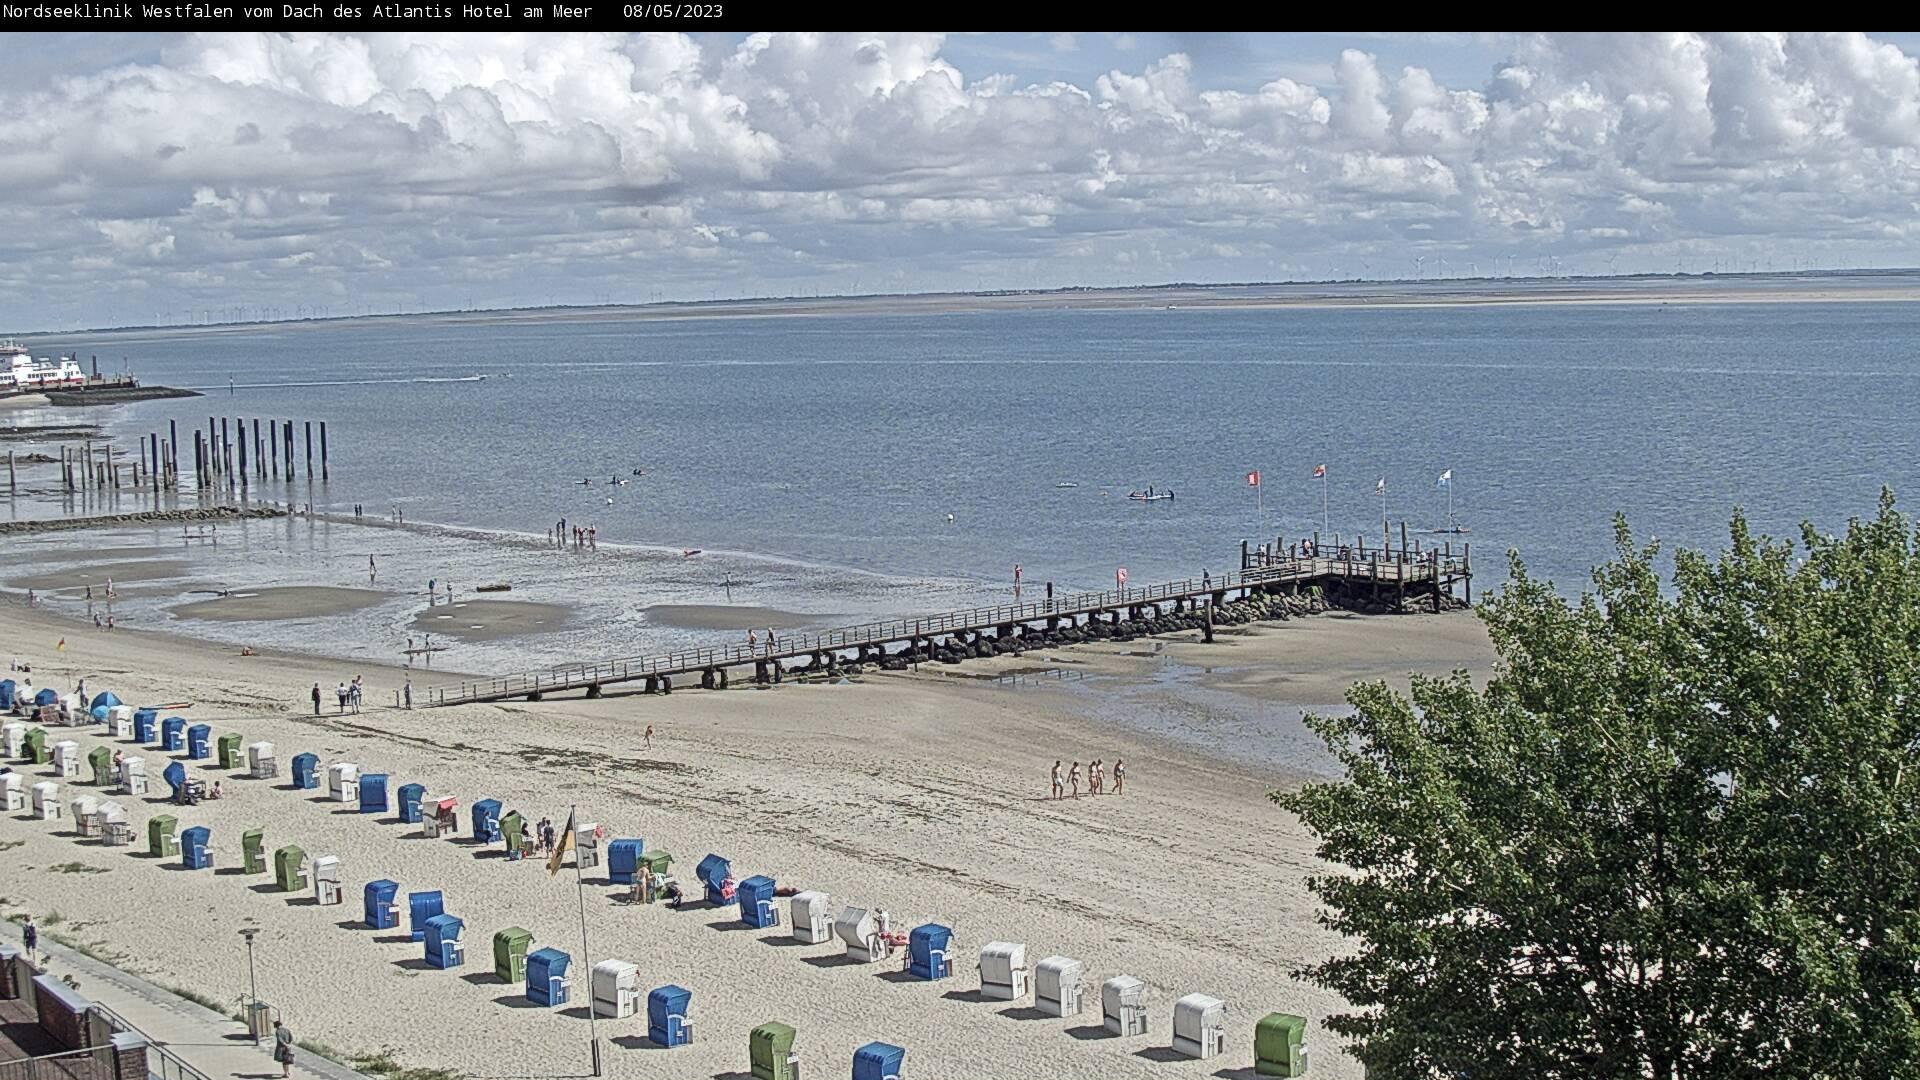 normal 600 und 400 Die Webcam zeigt den Blick auf den Wyker Strand vom Dach des Atlantis Hotels